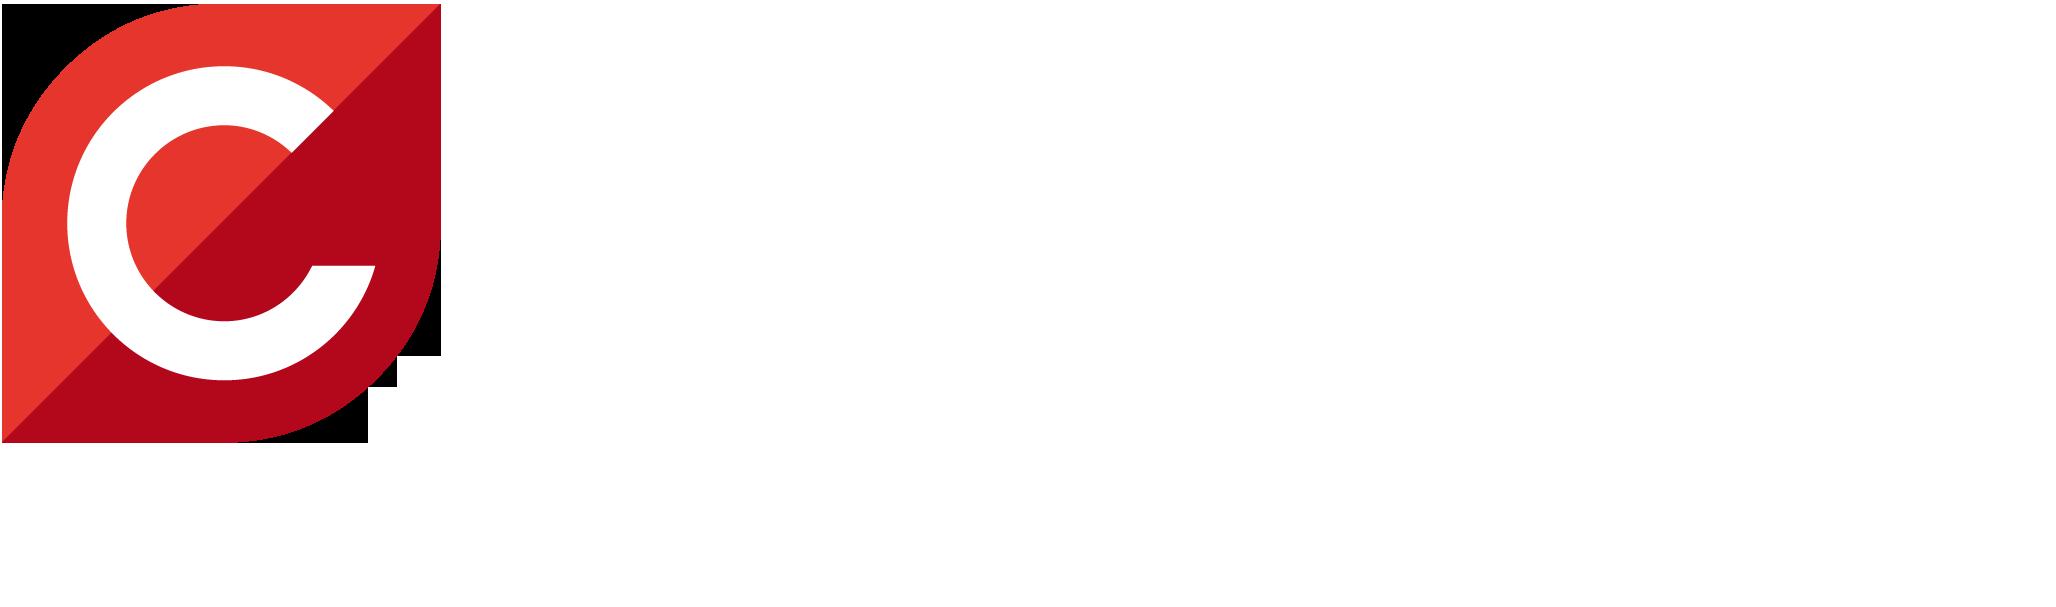 Consumidores Electrointensivos - Creara